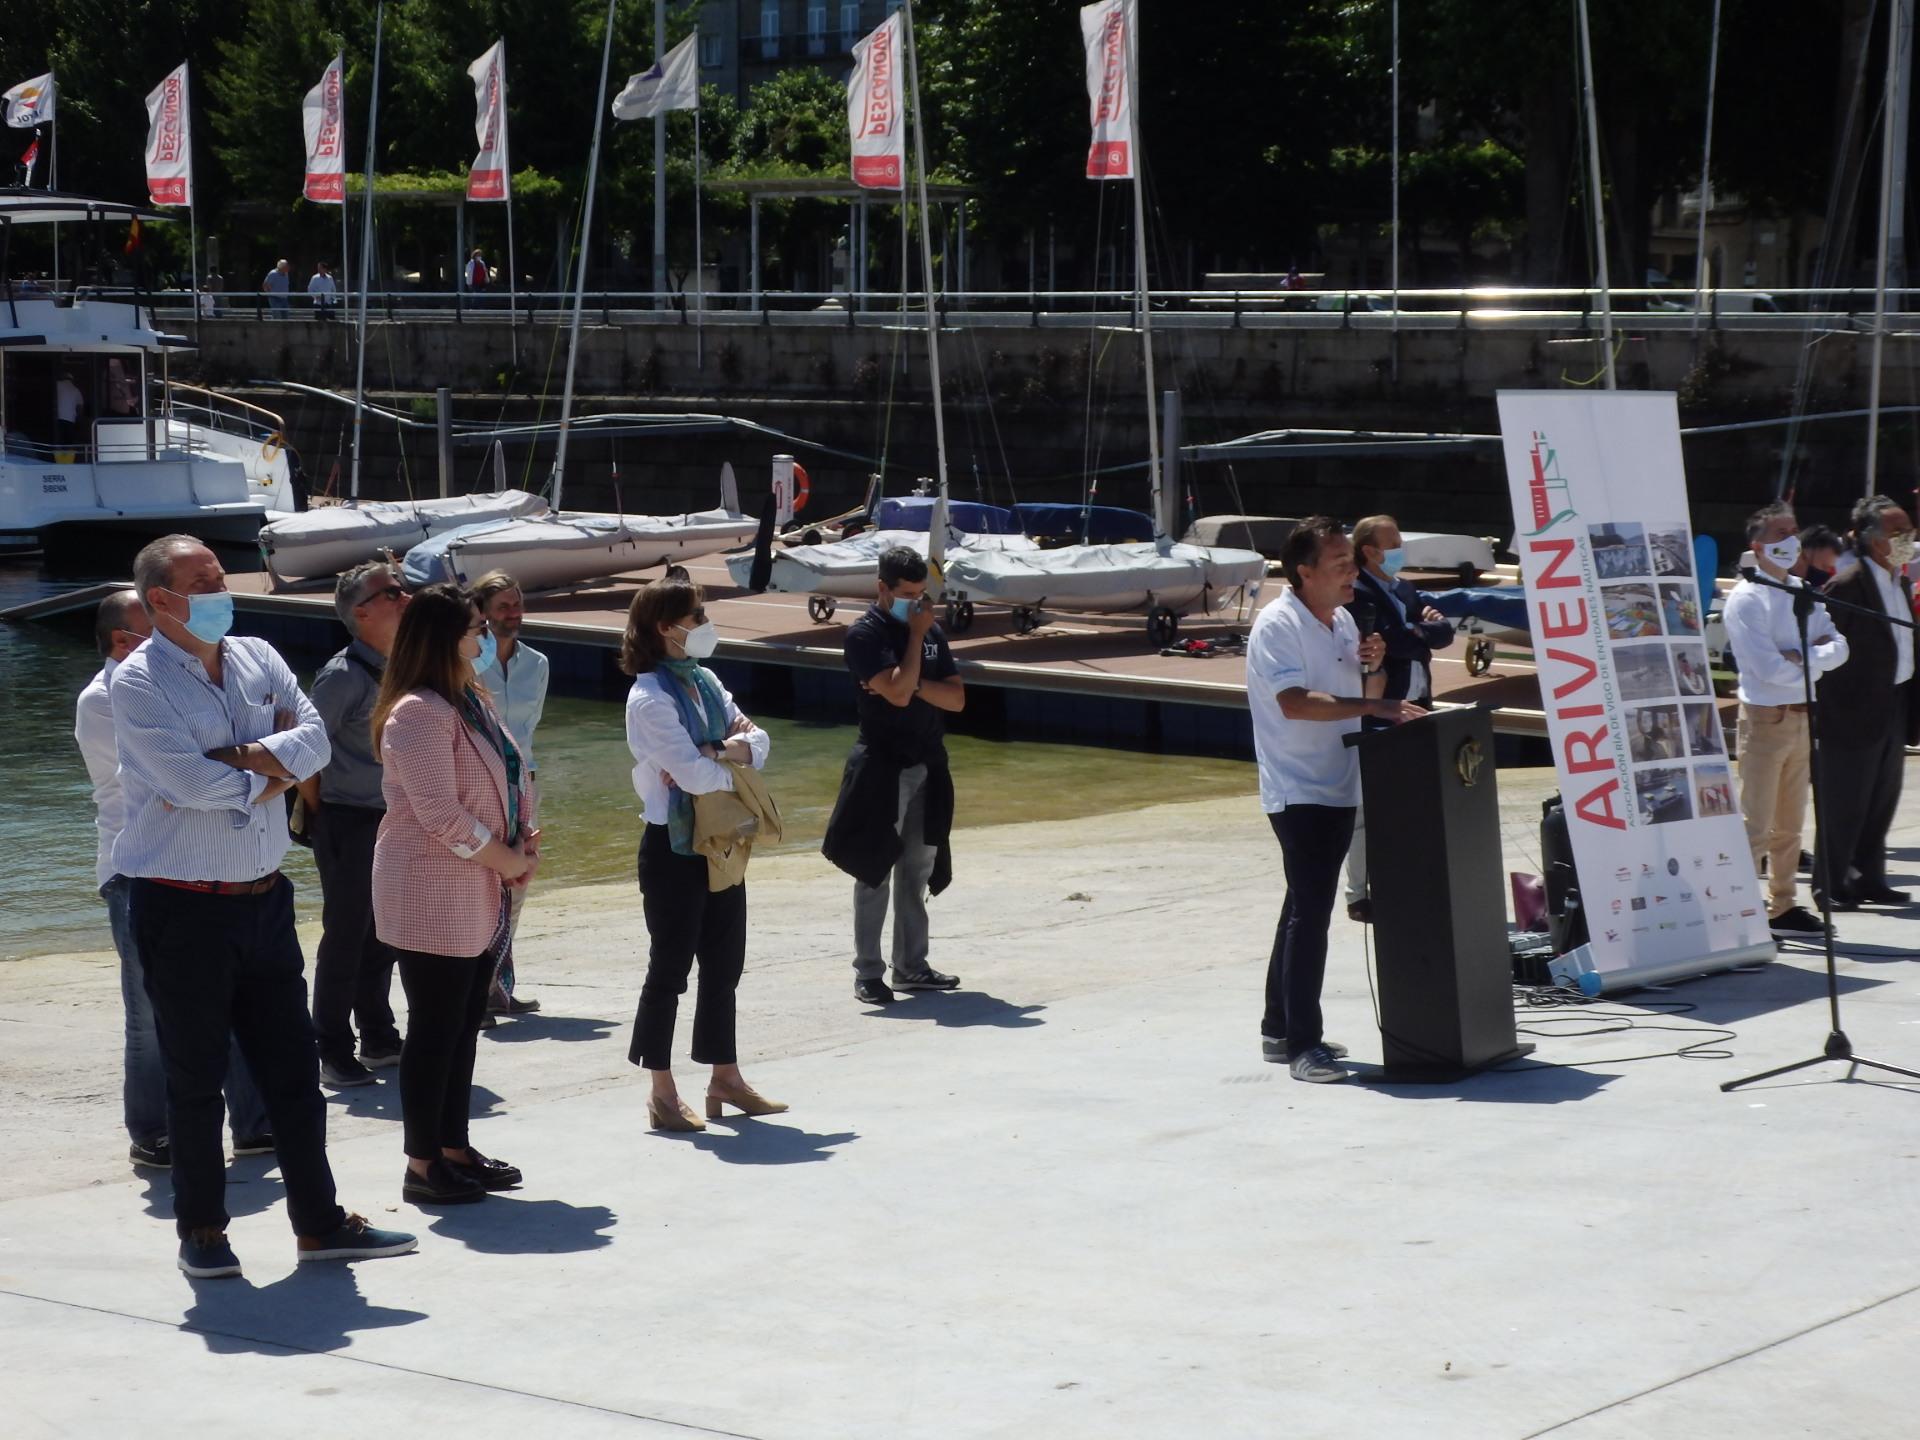 La Asociación Ría de Vigo de Entidades Náuticas (ARIVEN) realiza una presentación pública para celebrar la reactivación de la actividad